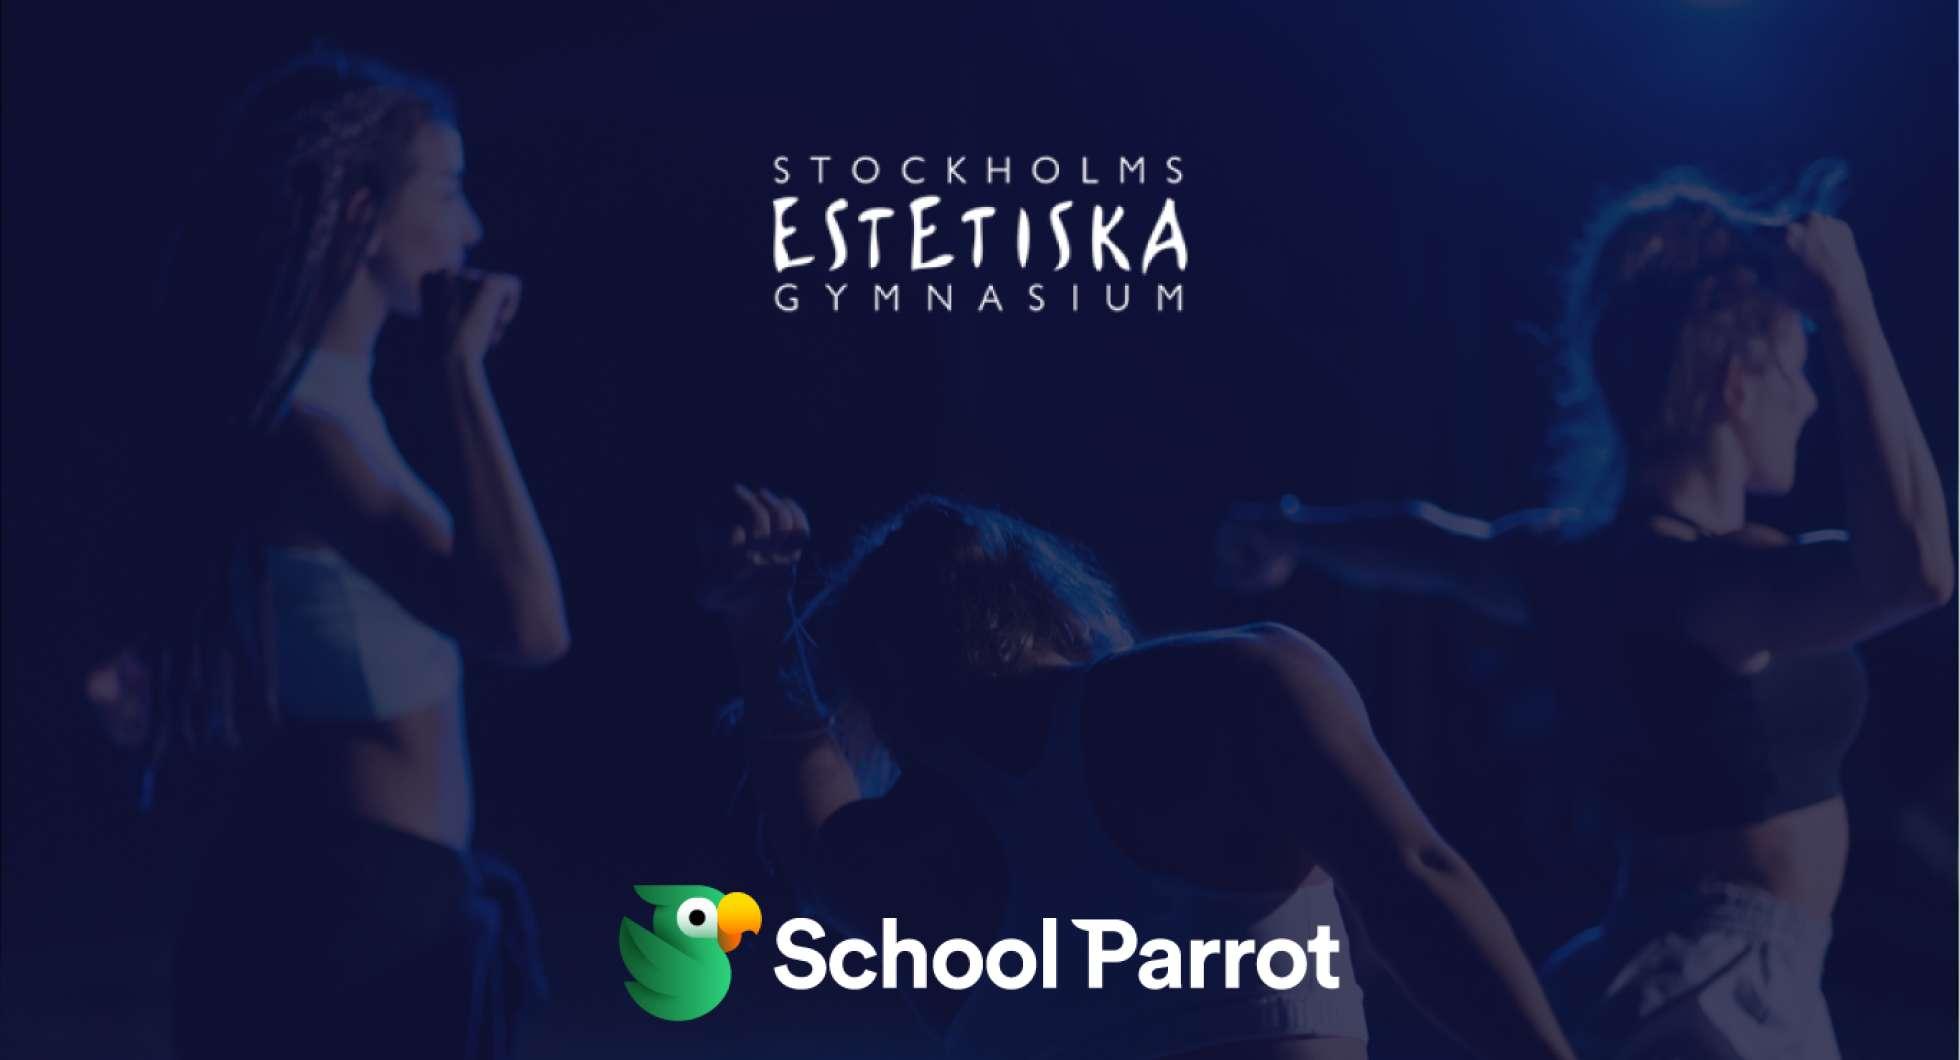 Stockholms Estetiska Gymnasium väljer SchoolParrot.